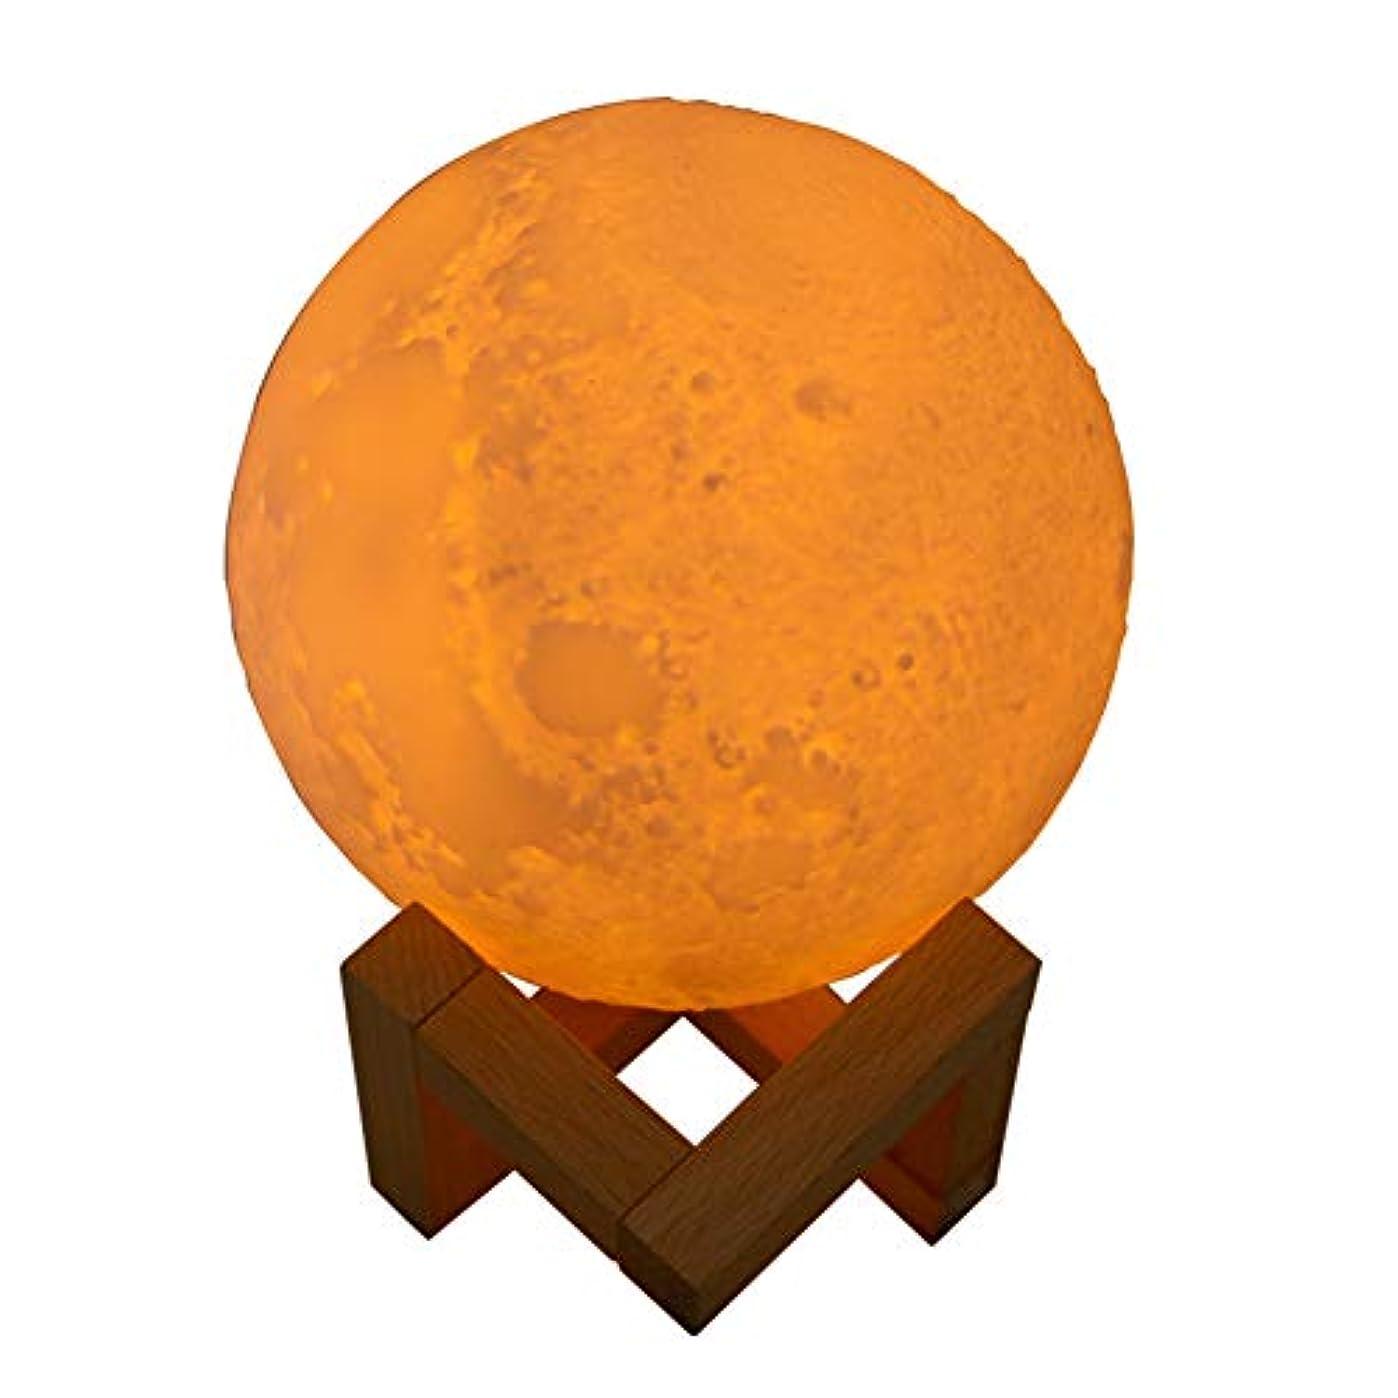 JIUBAJU 880 ml New USB Mini Humidifier,Innovative Moon Shaped Night Light Mute Essential Oil Diffuser 3D Moon...